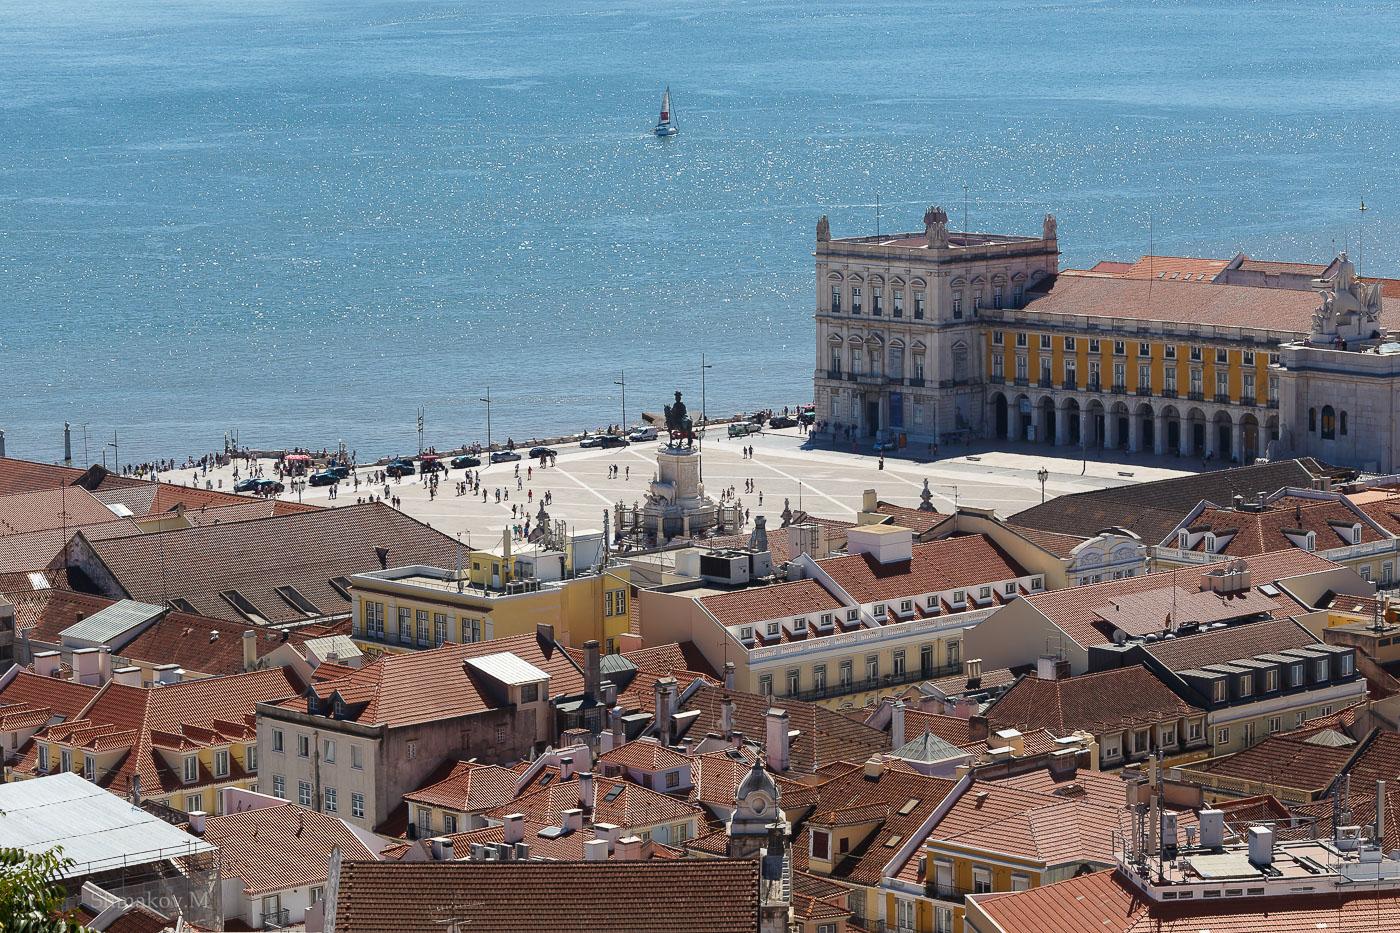 Фото №21. Площадь Коммерции в Лиссабоне. Отдых в Португалии самостоятельно. 1/250, -1 EV, f 14, ISO 100, 121 мм.